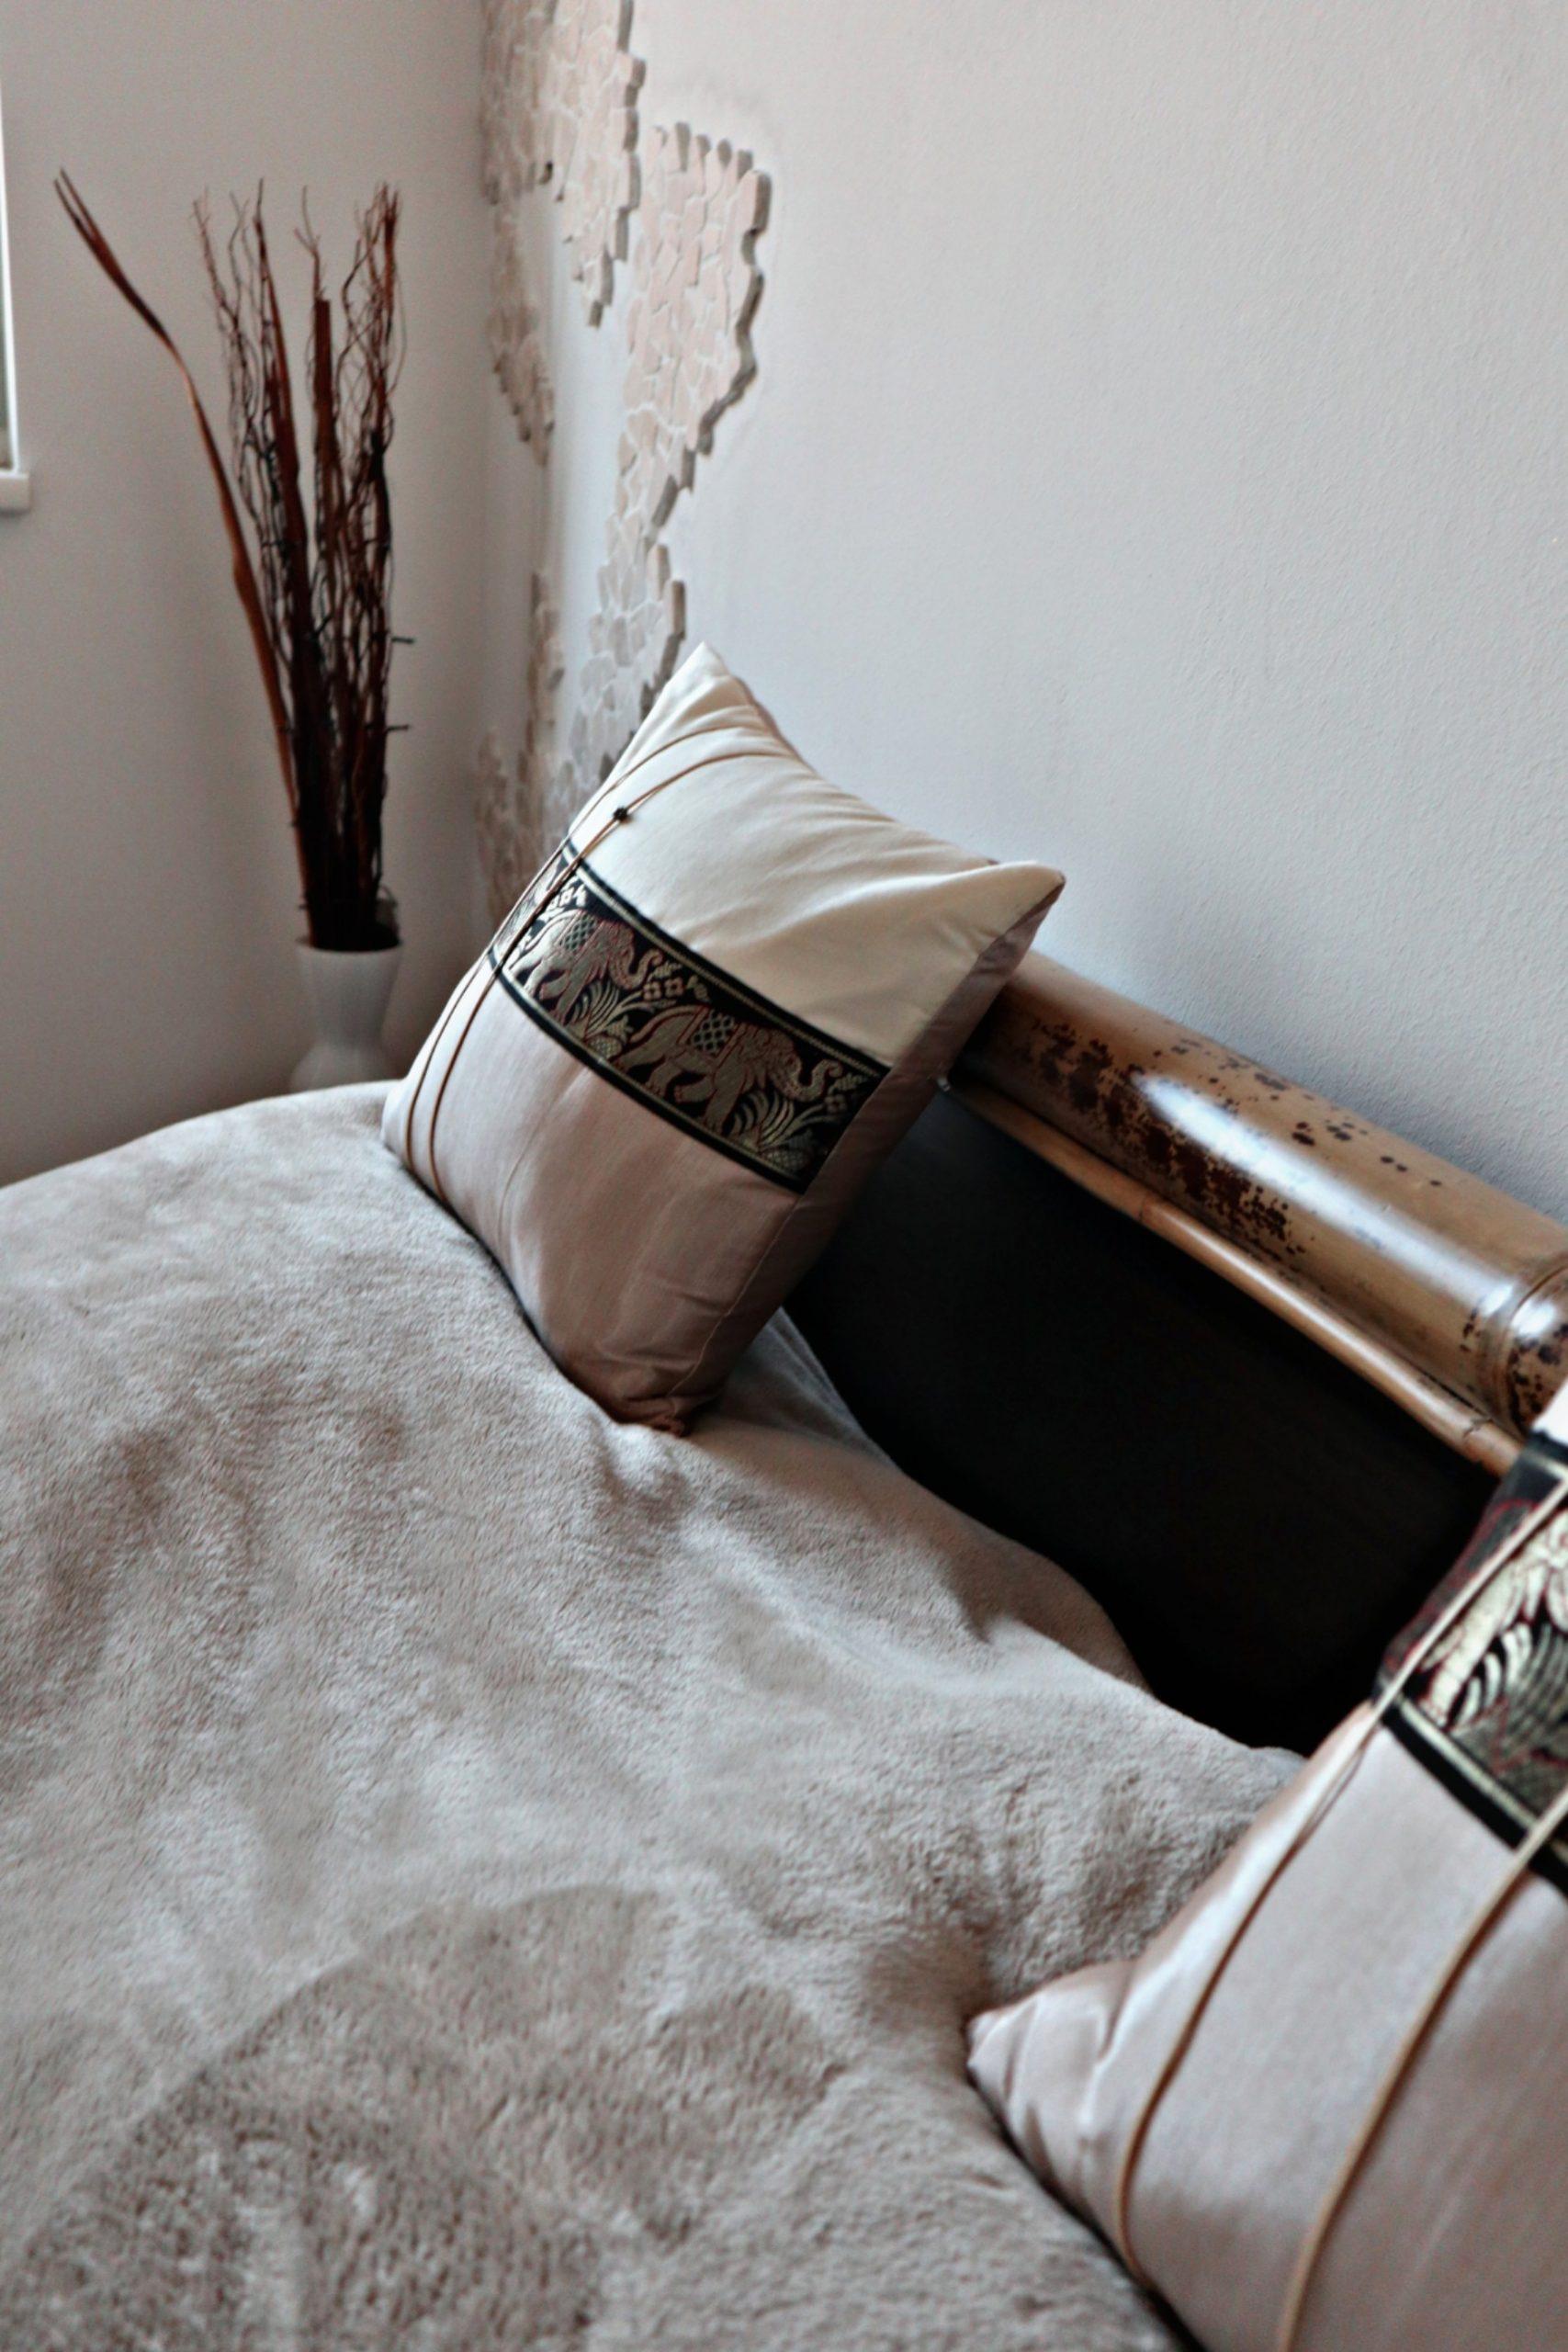 Full Size of Welche Lampen Passen Zu Unserem Schlafzimmer View Of My Life Tapeten Gardinen Für Schränke Set Weiß Stuhl Günstig Komplett Truhe Deko Kommode Romantische Schlafzimmer Lampen Schlafzimmer